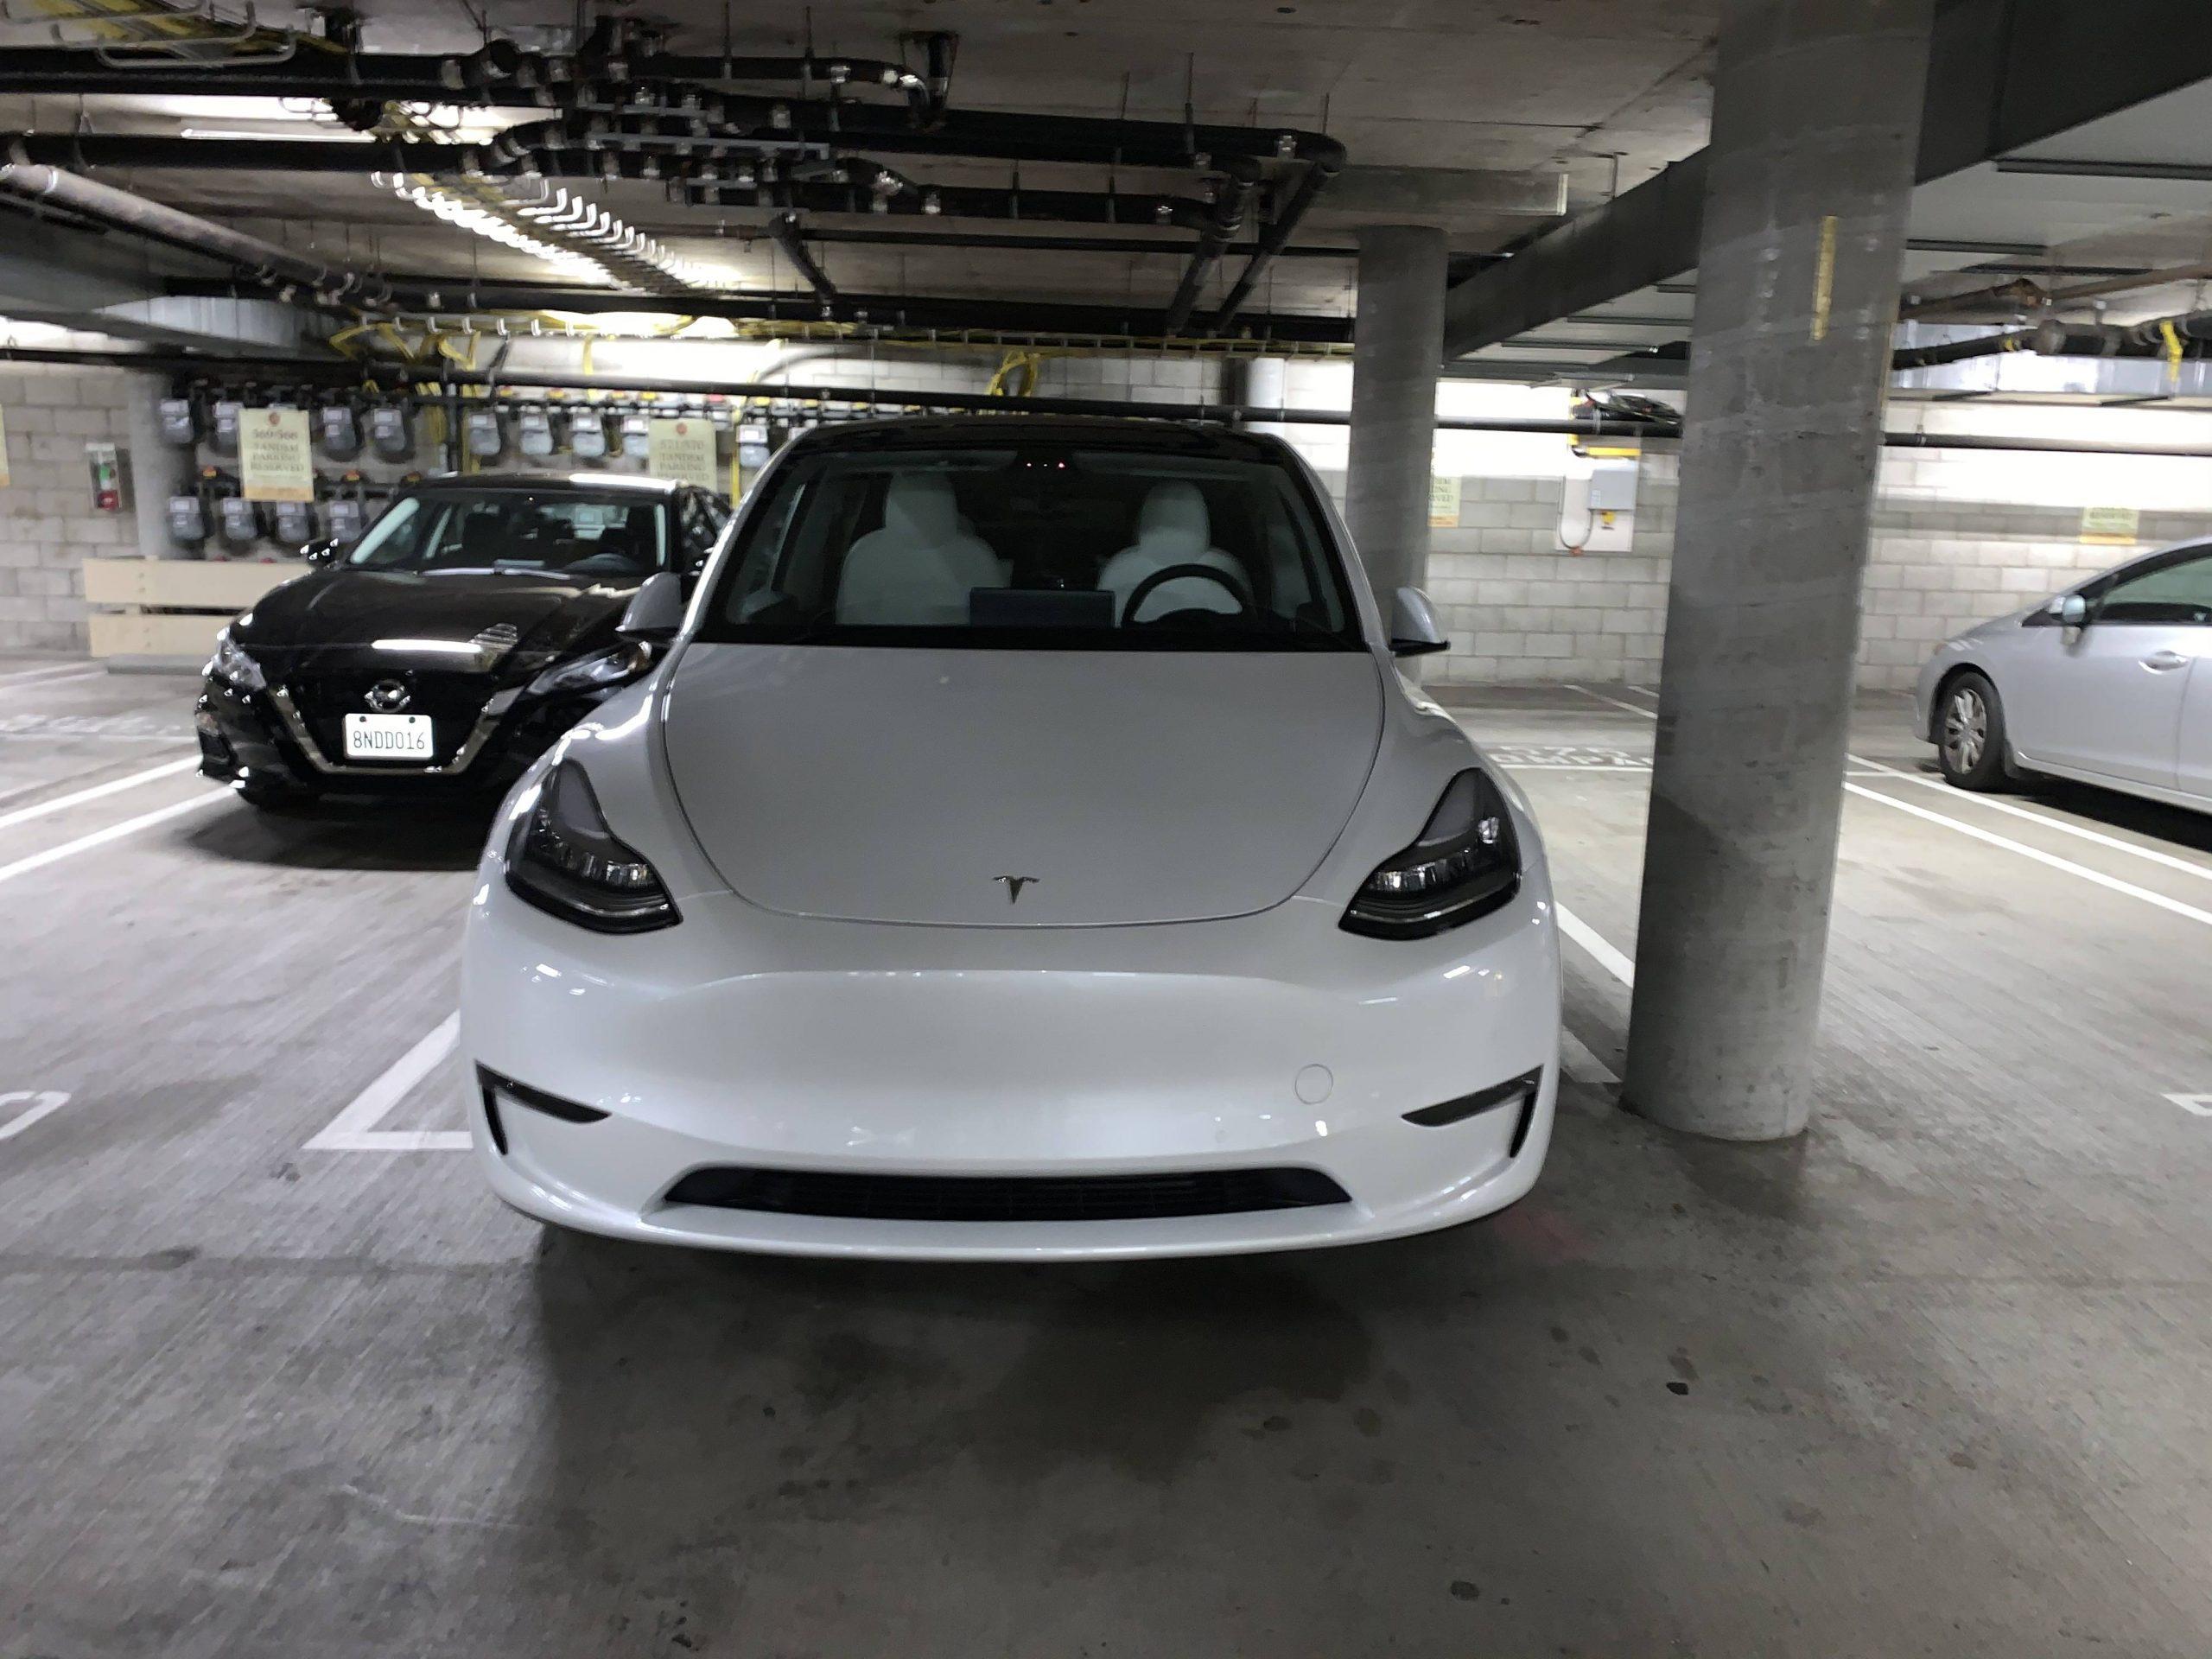 特斯拉ModelY白色座椅版现身洛杉矶某地下车库